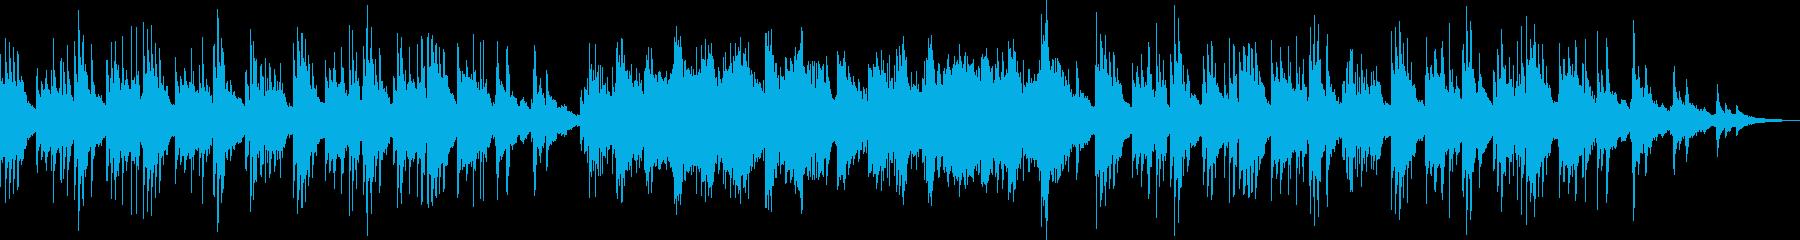 流れ星をイメージしたピアノソロの再生済みの波形